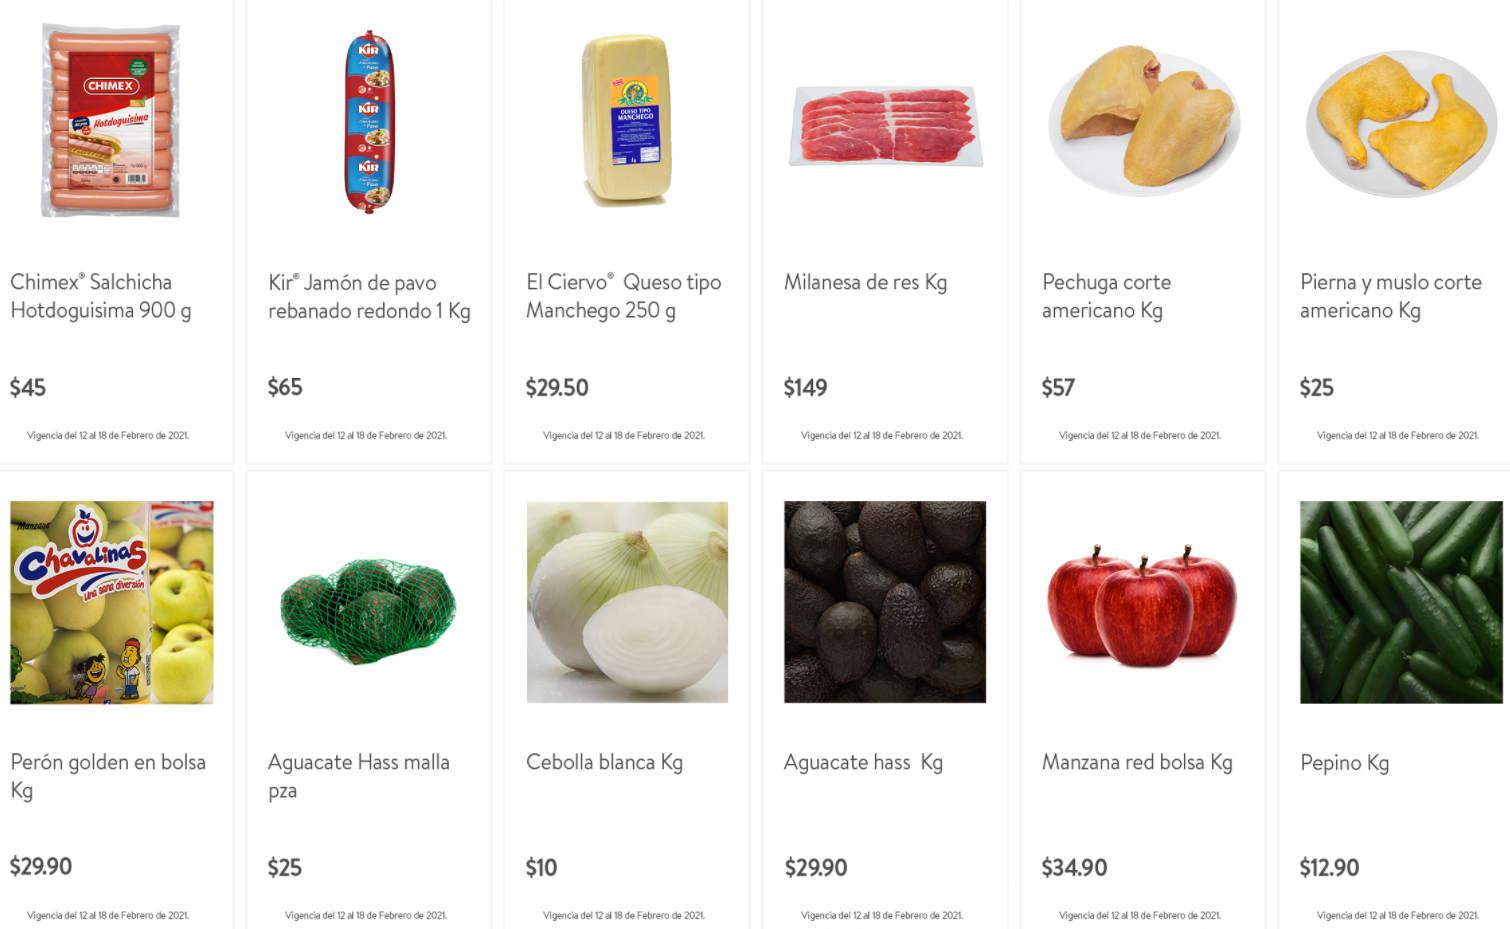 Folleto Tianguis Bodega Aurrerá frutas y verduras 12 al 18 de febrero 2021